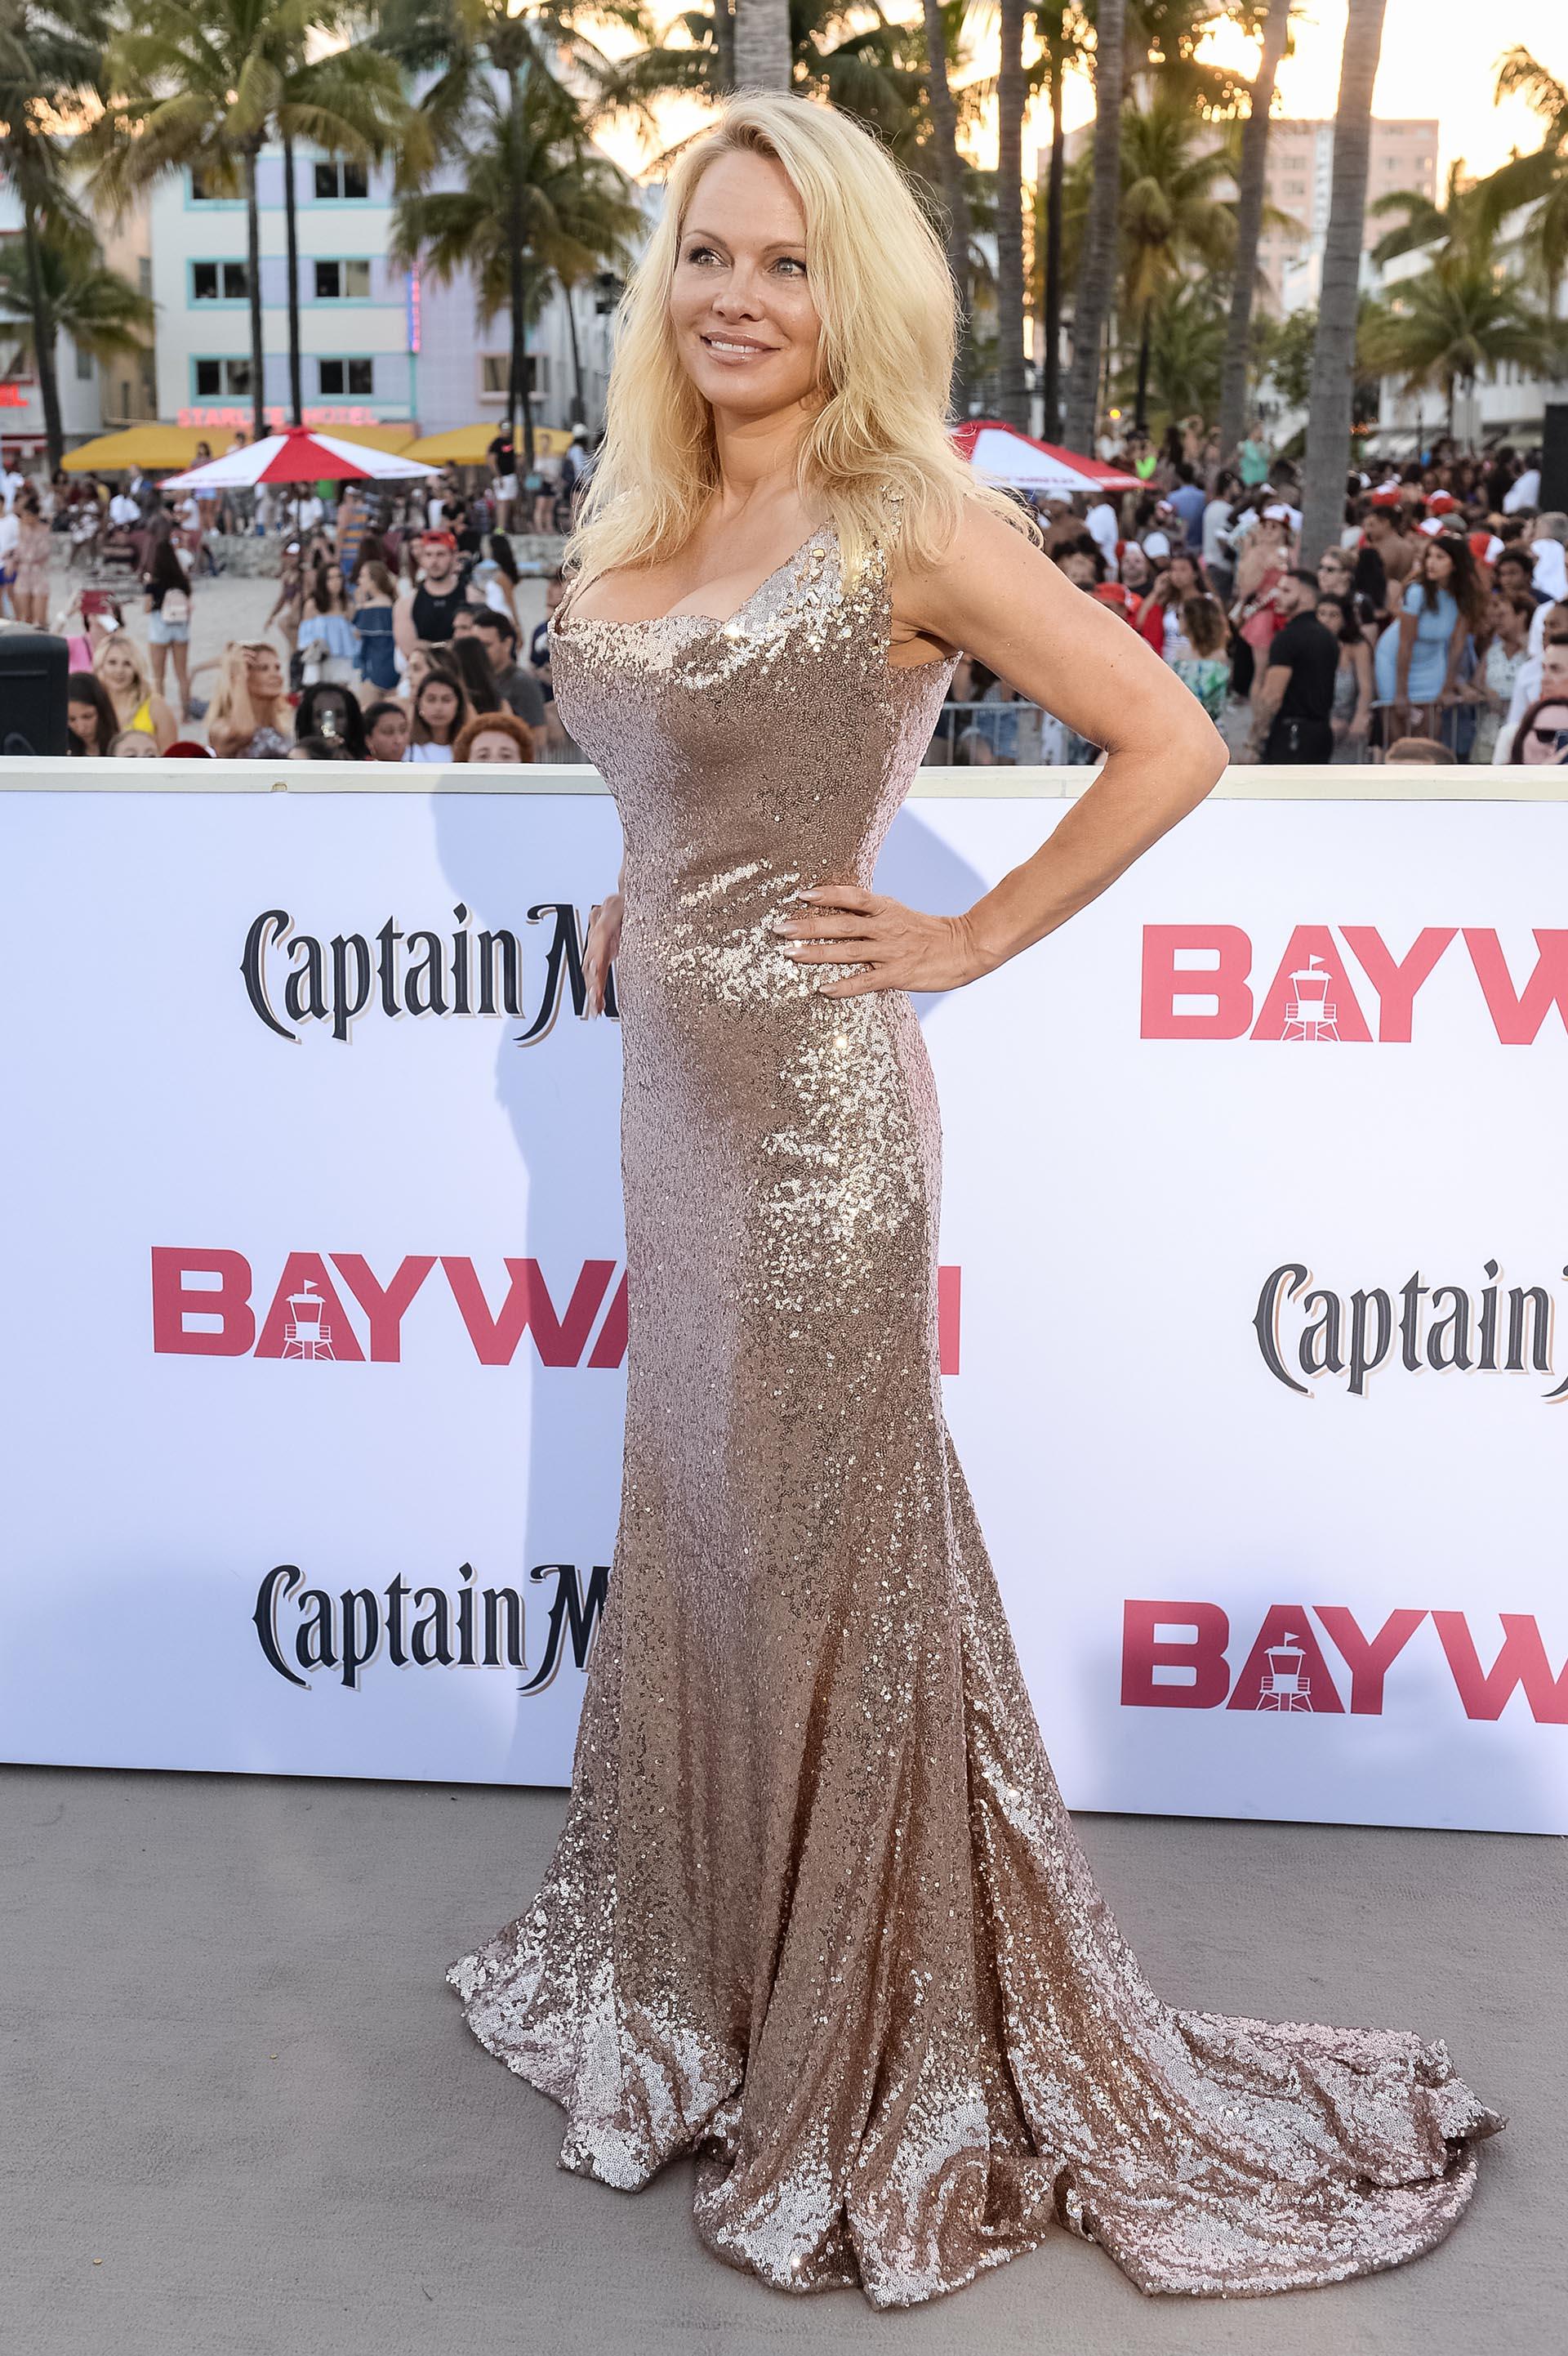 A los 49 años, Pamela Anderson no perdió ni un ápice de su fabulosa belleza y seducción